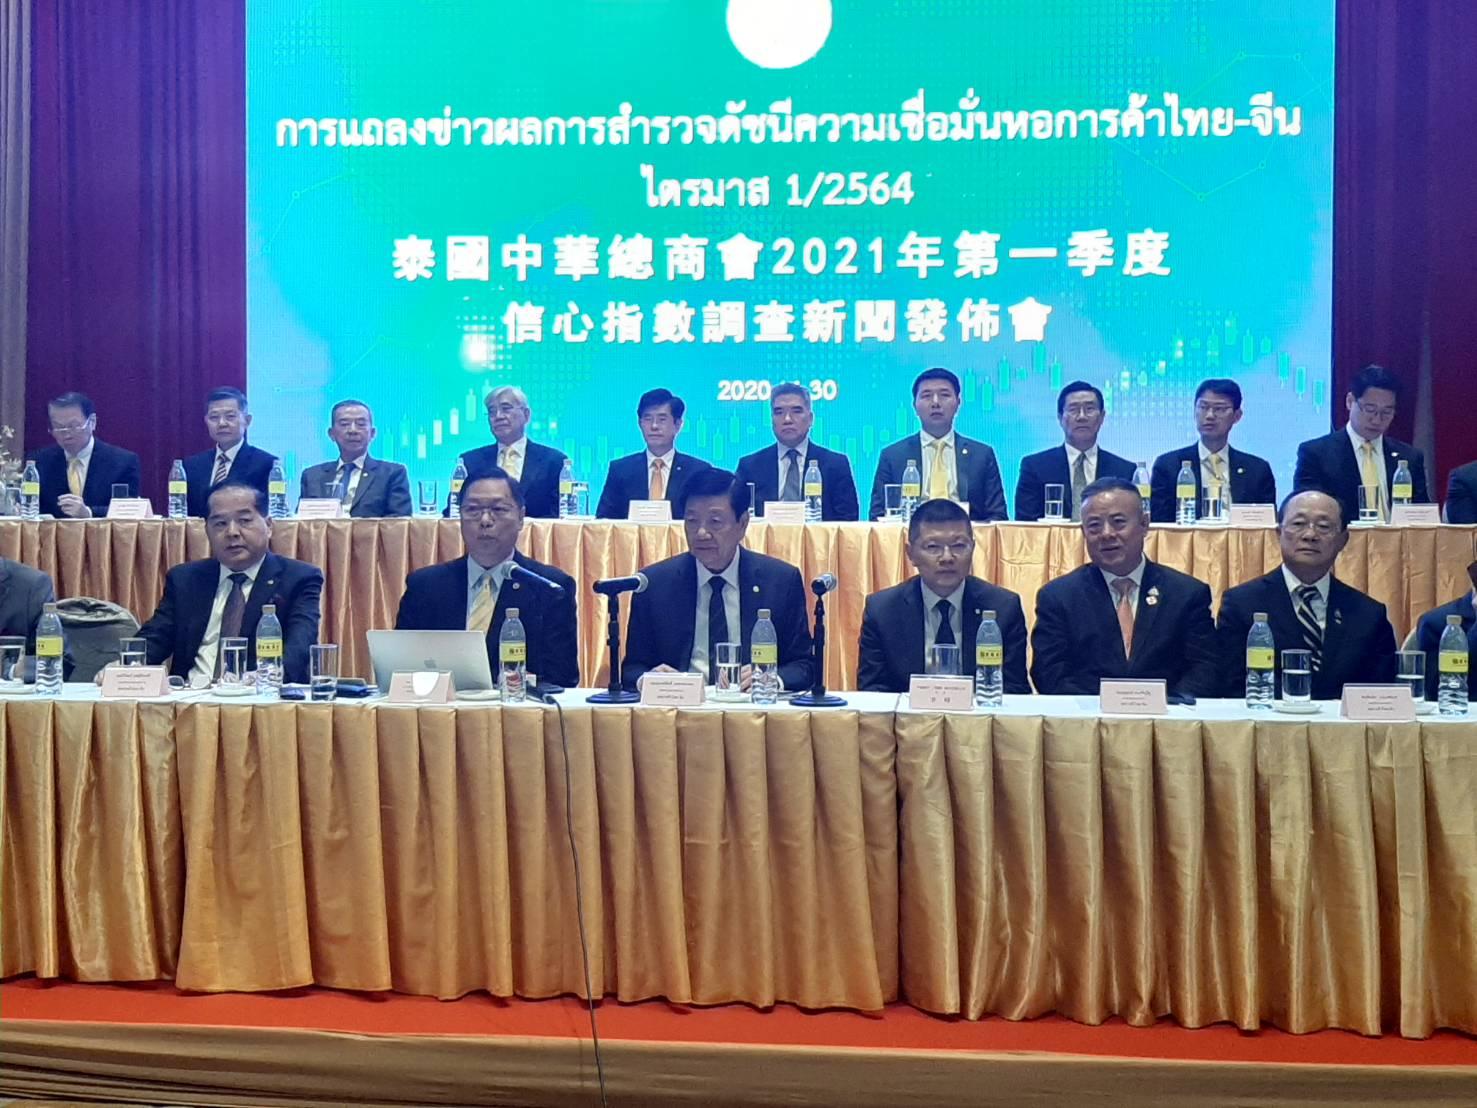 หอการค้าไทย-จีนเผยดัชนีเชื่อมั่นศก.ไทยปี'64 โต 2.5-3.5%